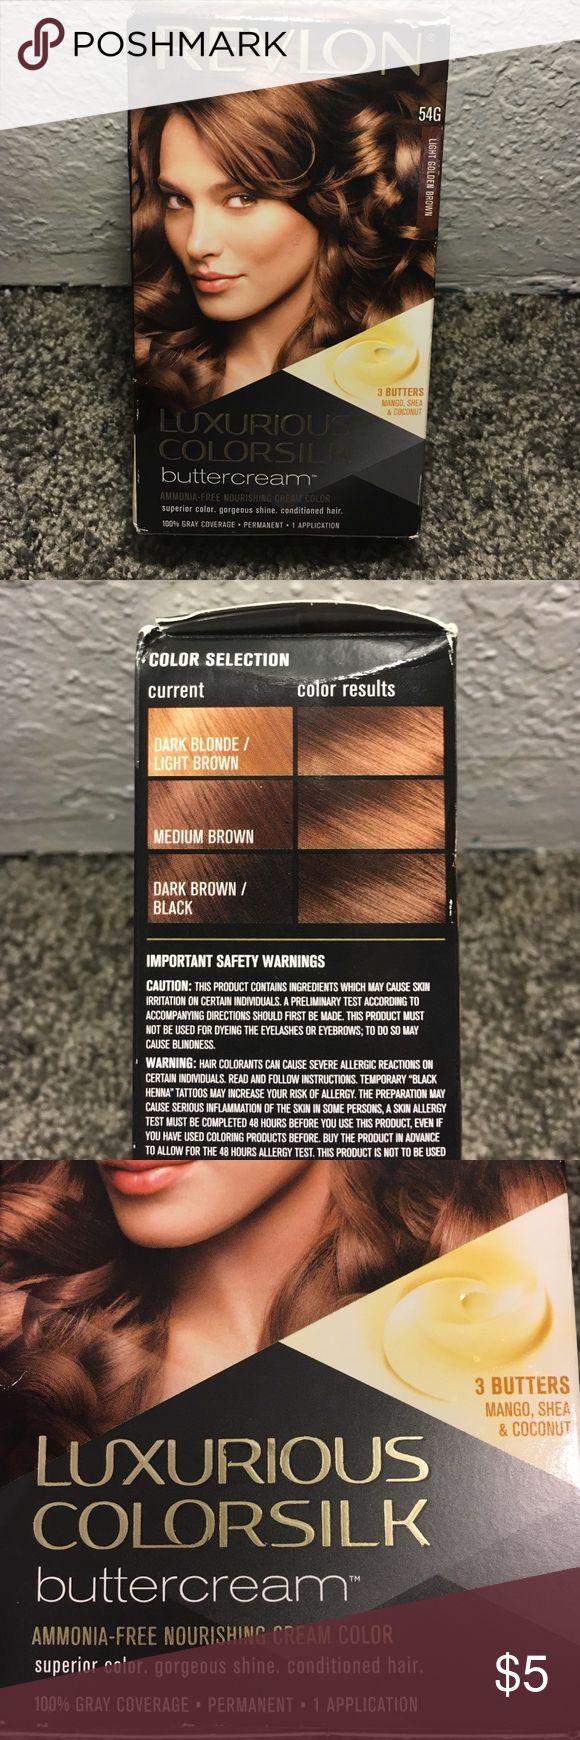 Garnier olia permanent hair colour golden brown 5 3 - Selling This Revlon Light Golden Brown Hair Dye On Poshmark My Username Is Hneivau